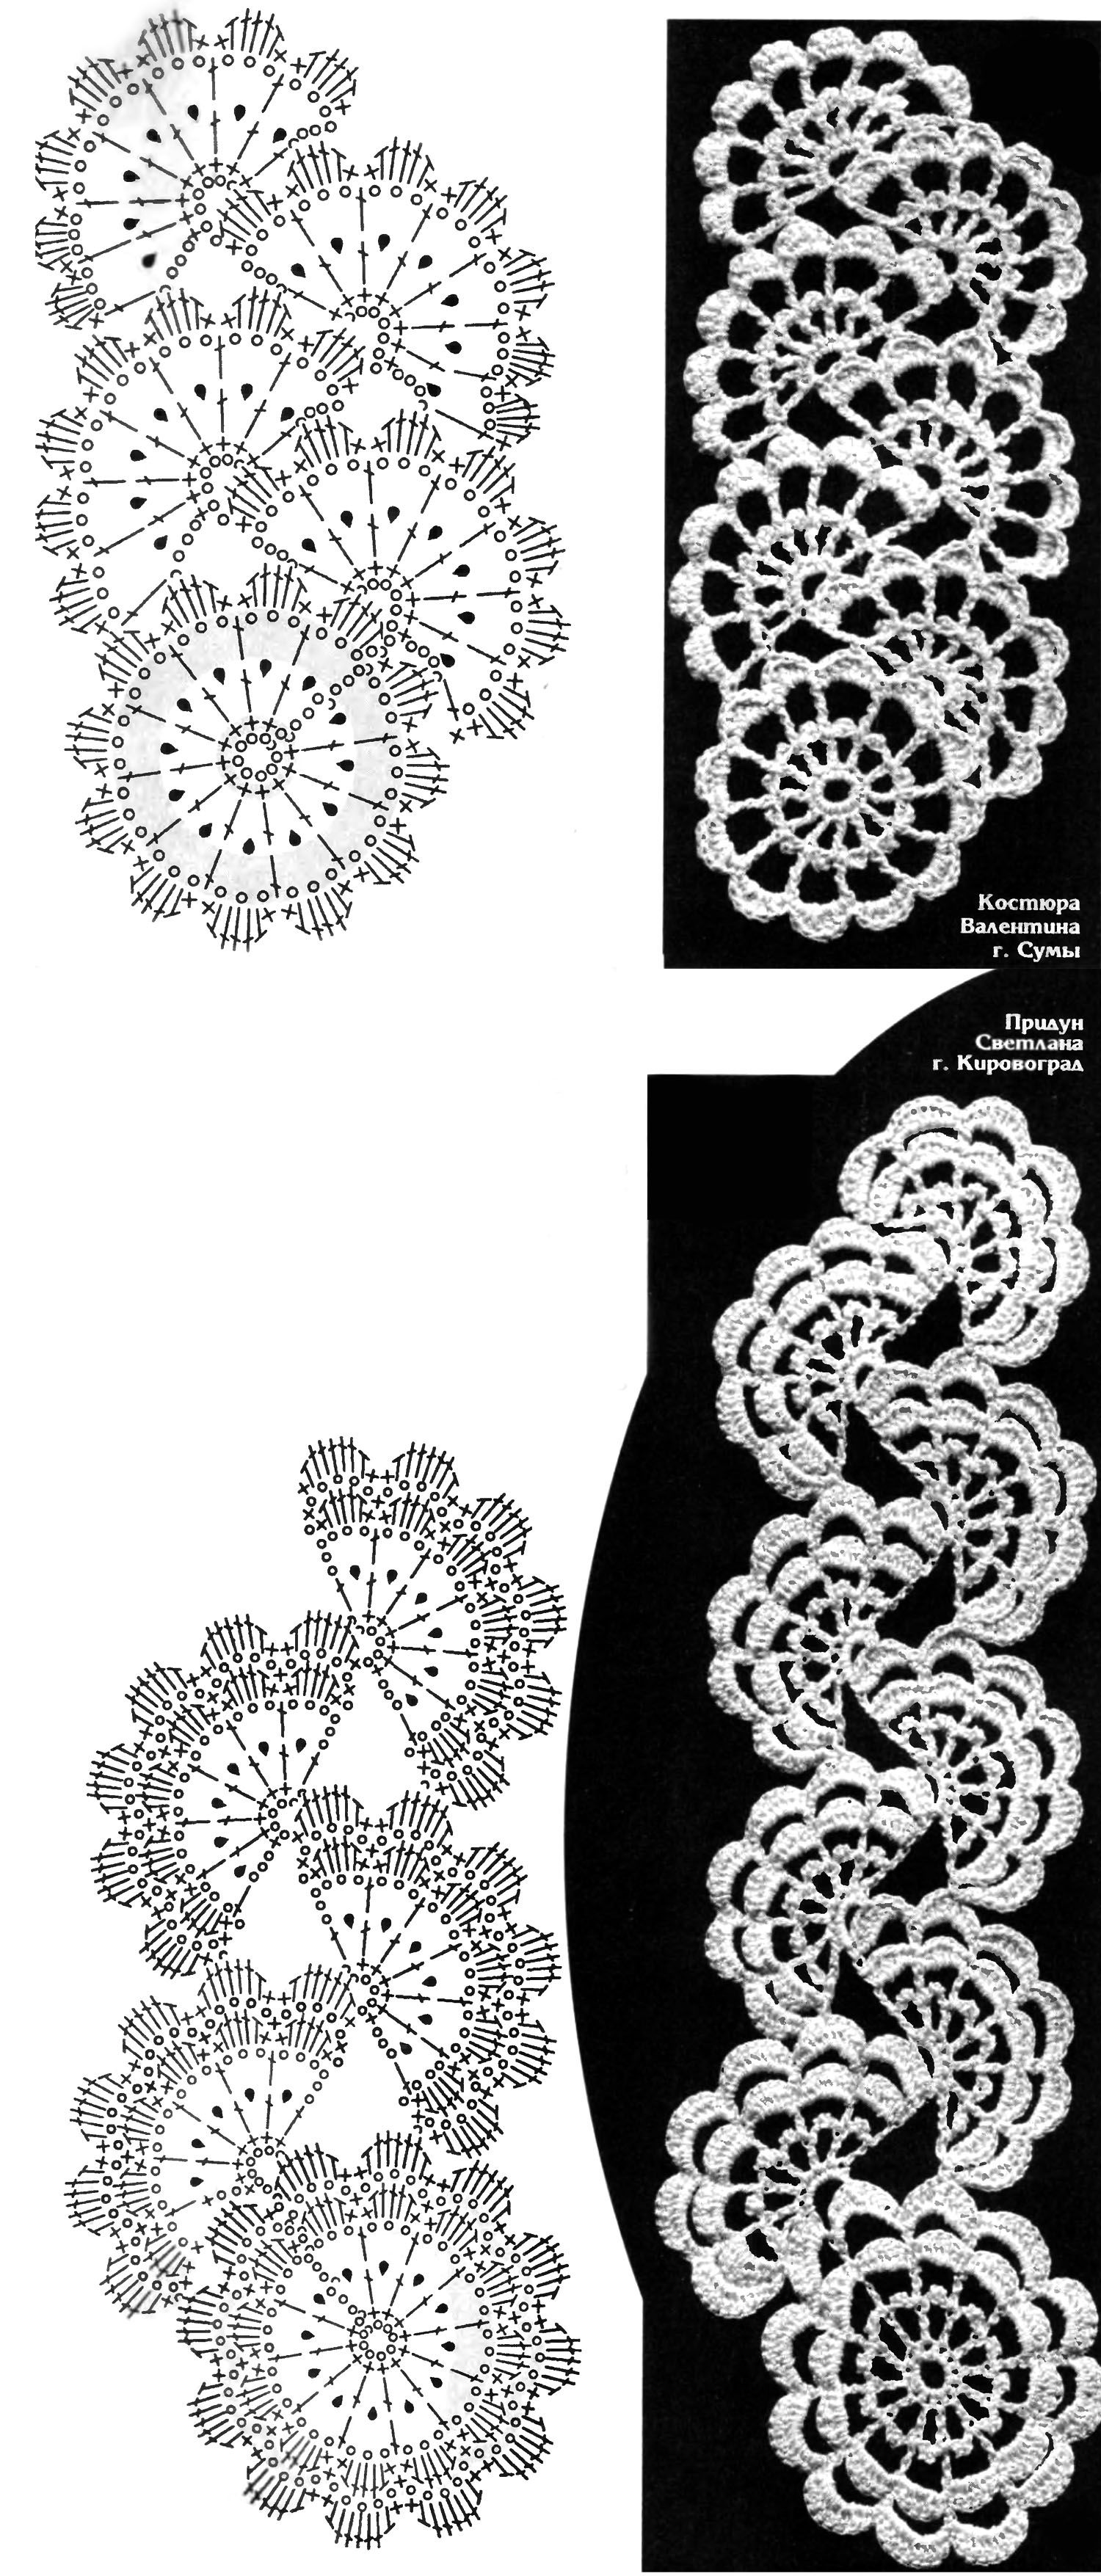 lentochnoe_kruzhevo11.jpg (1500×3510) | stitch pattern | Pinterest ...